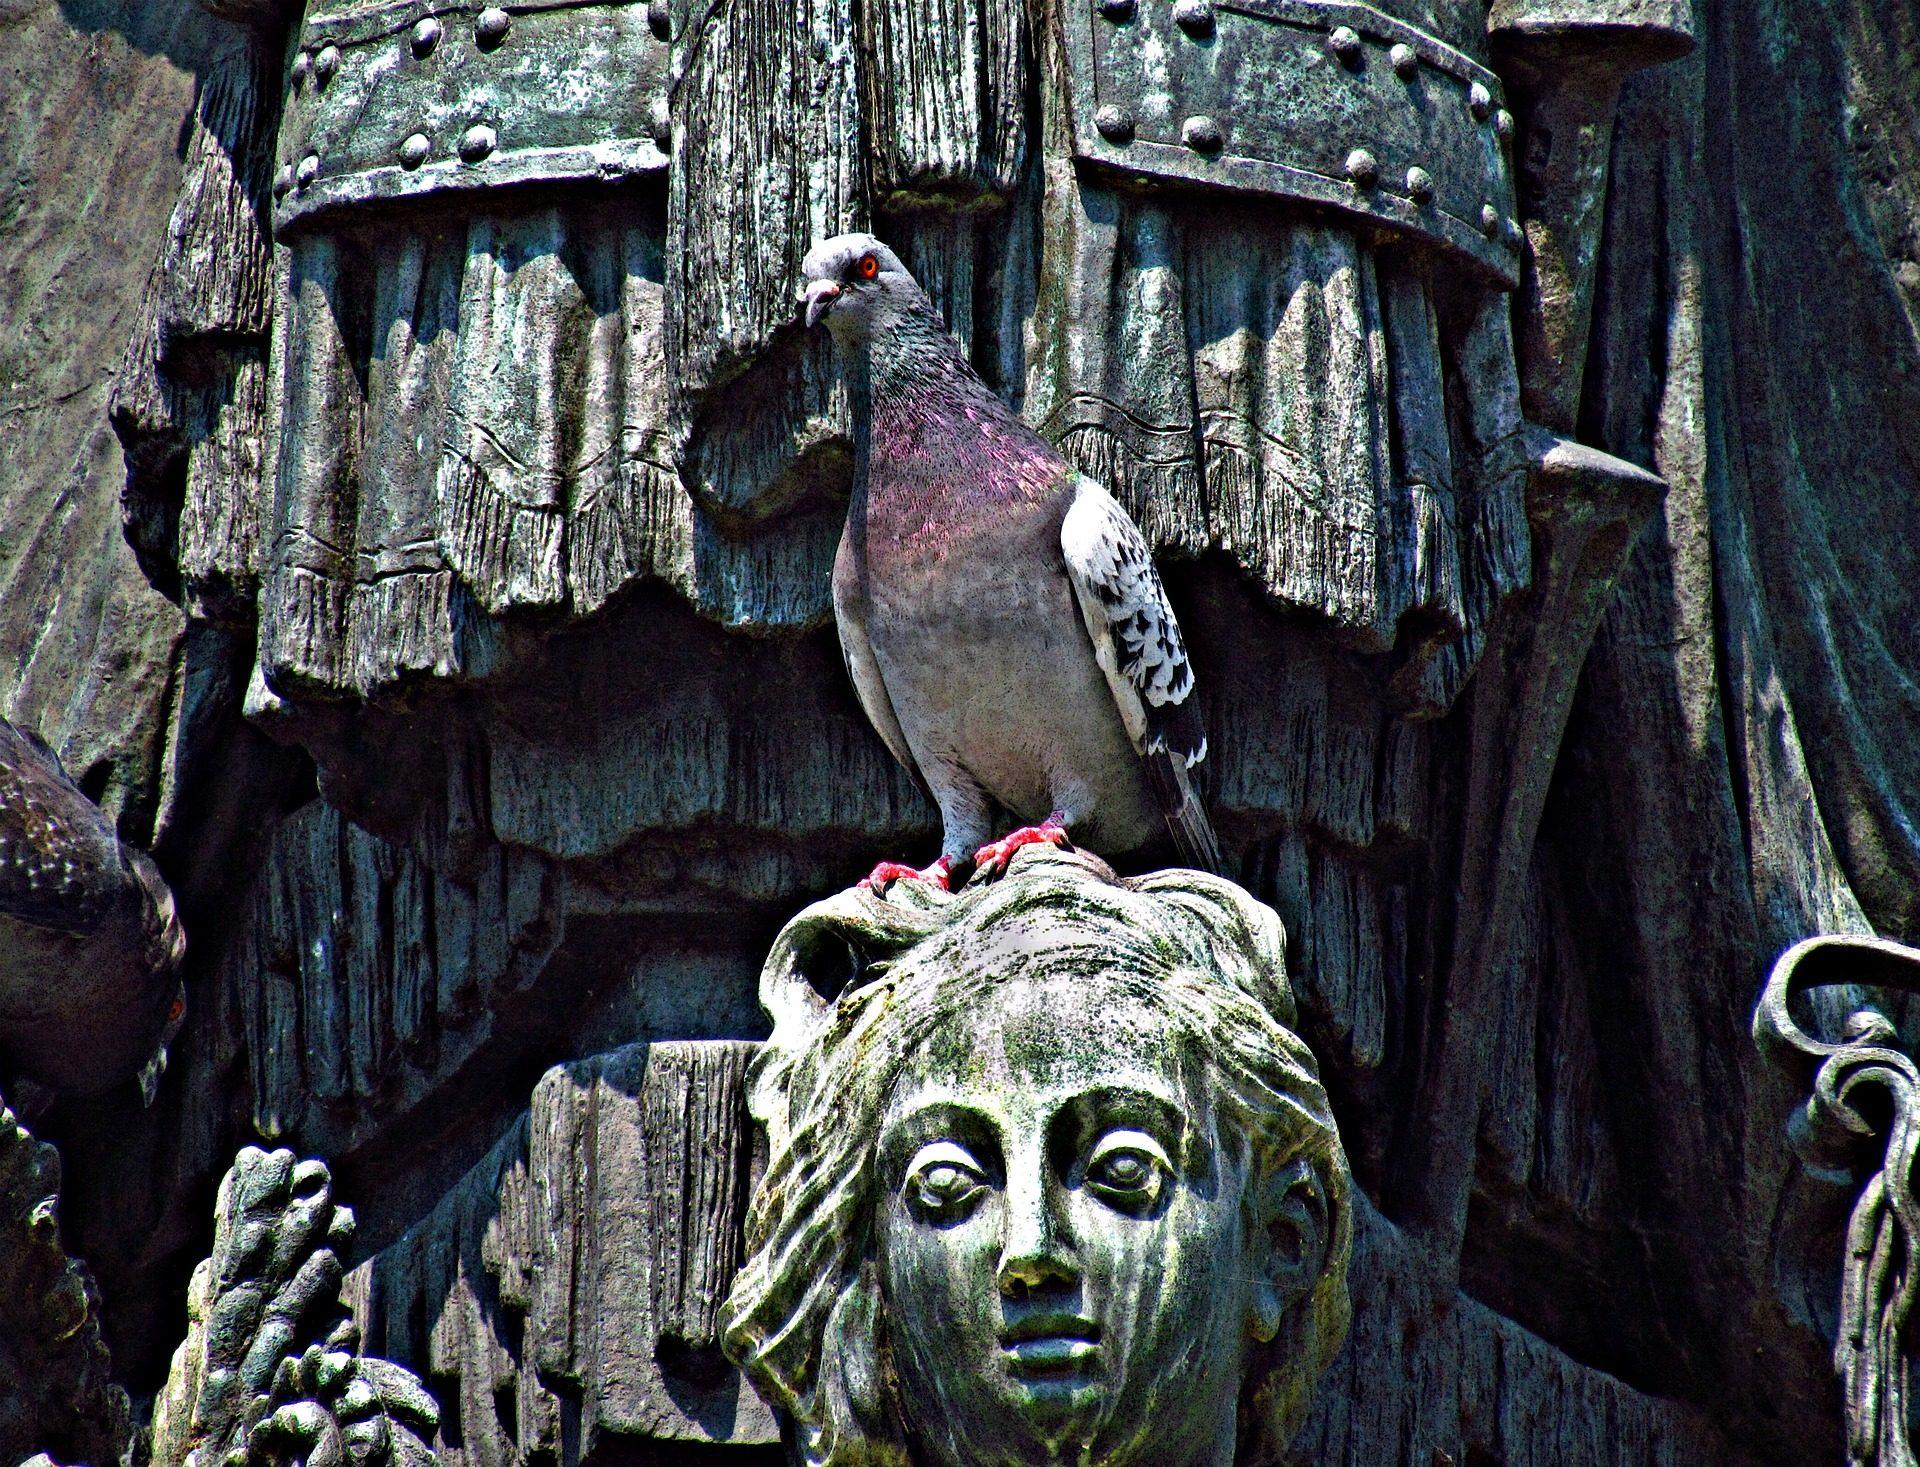 ΠΑΛΟΜΑ, Λ., Πουλί, γλυπτική, Μνημείο - Wallpapers HD - Professor-falken.com